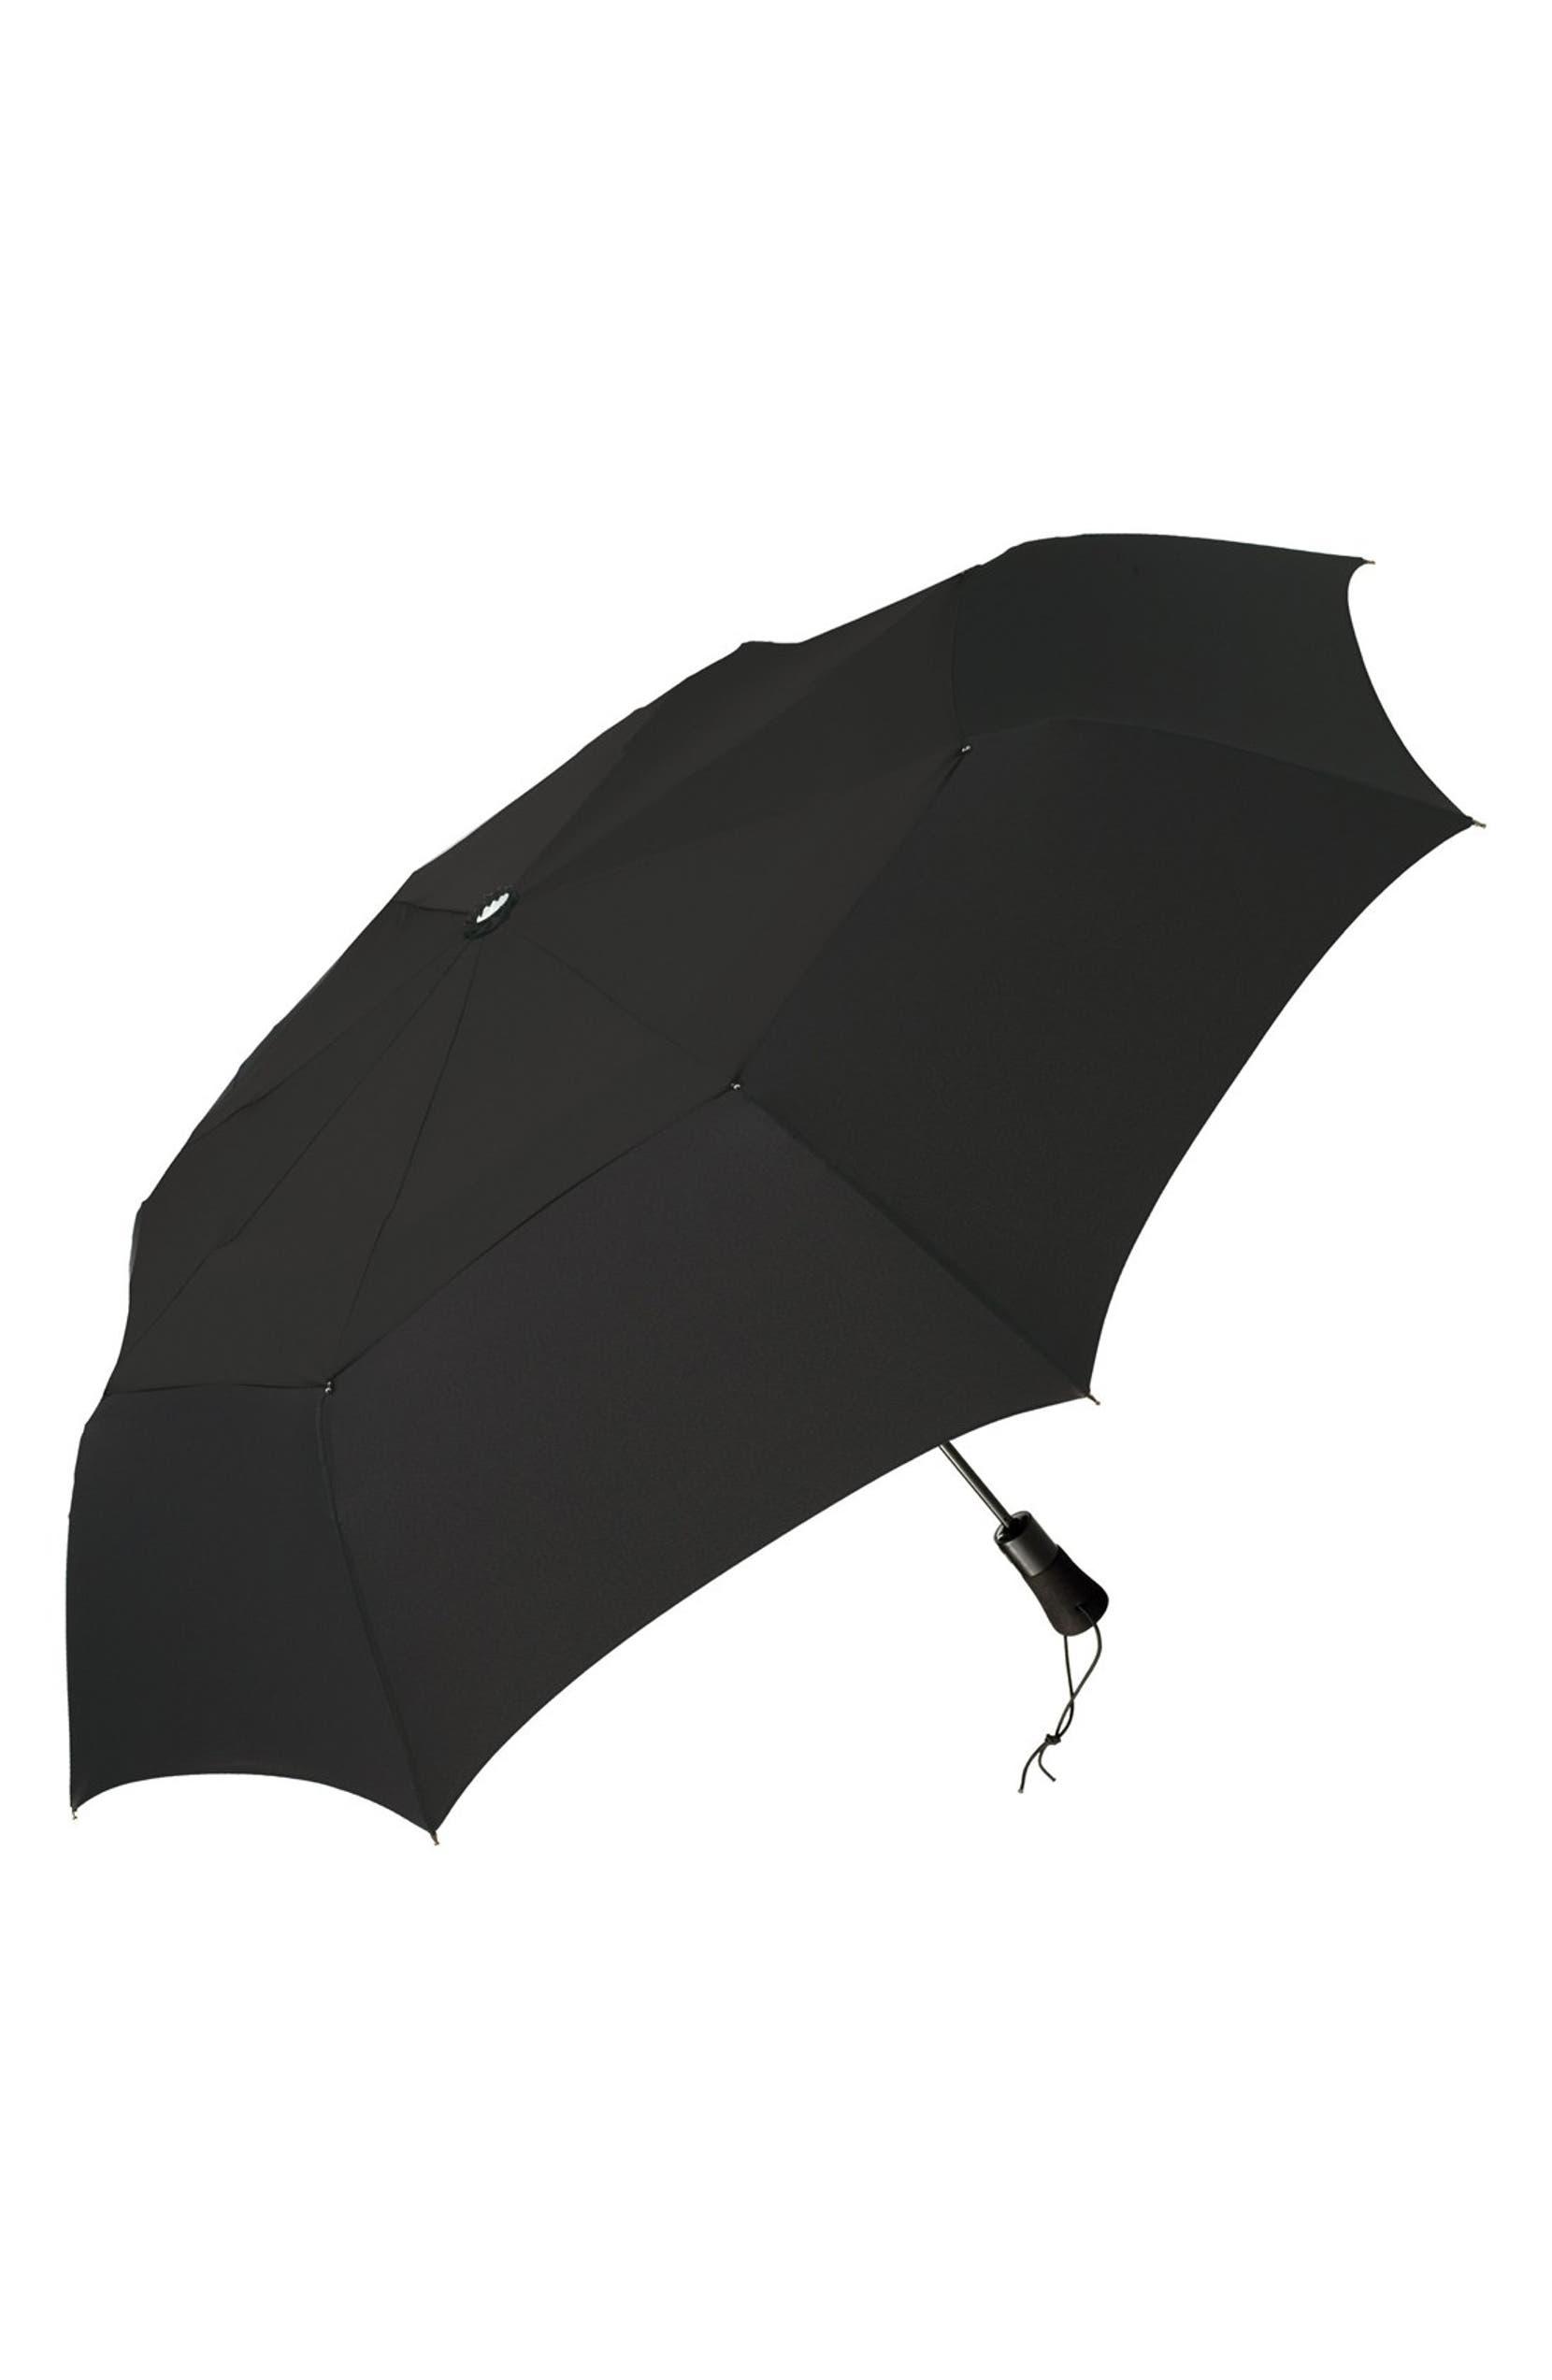 73ada20d625b 'WindPro®' Auto Open & Close Umbrella